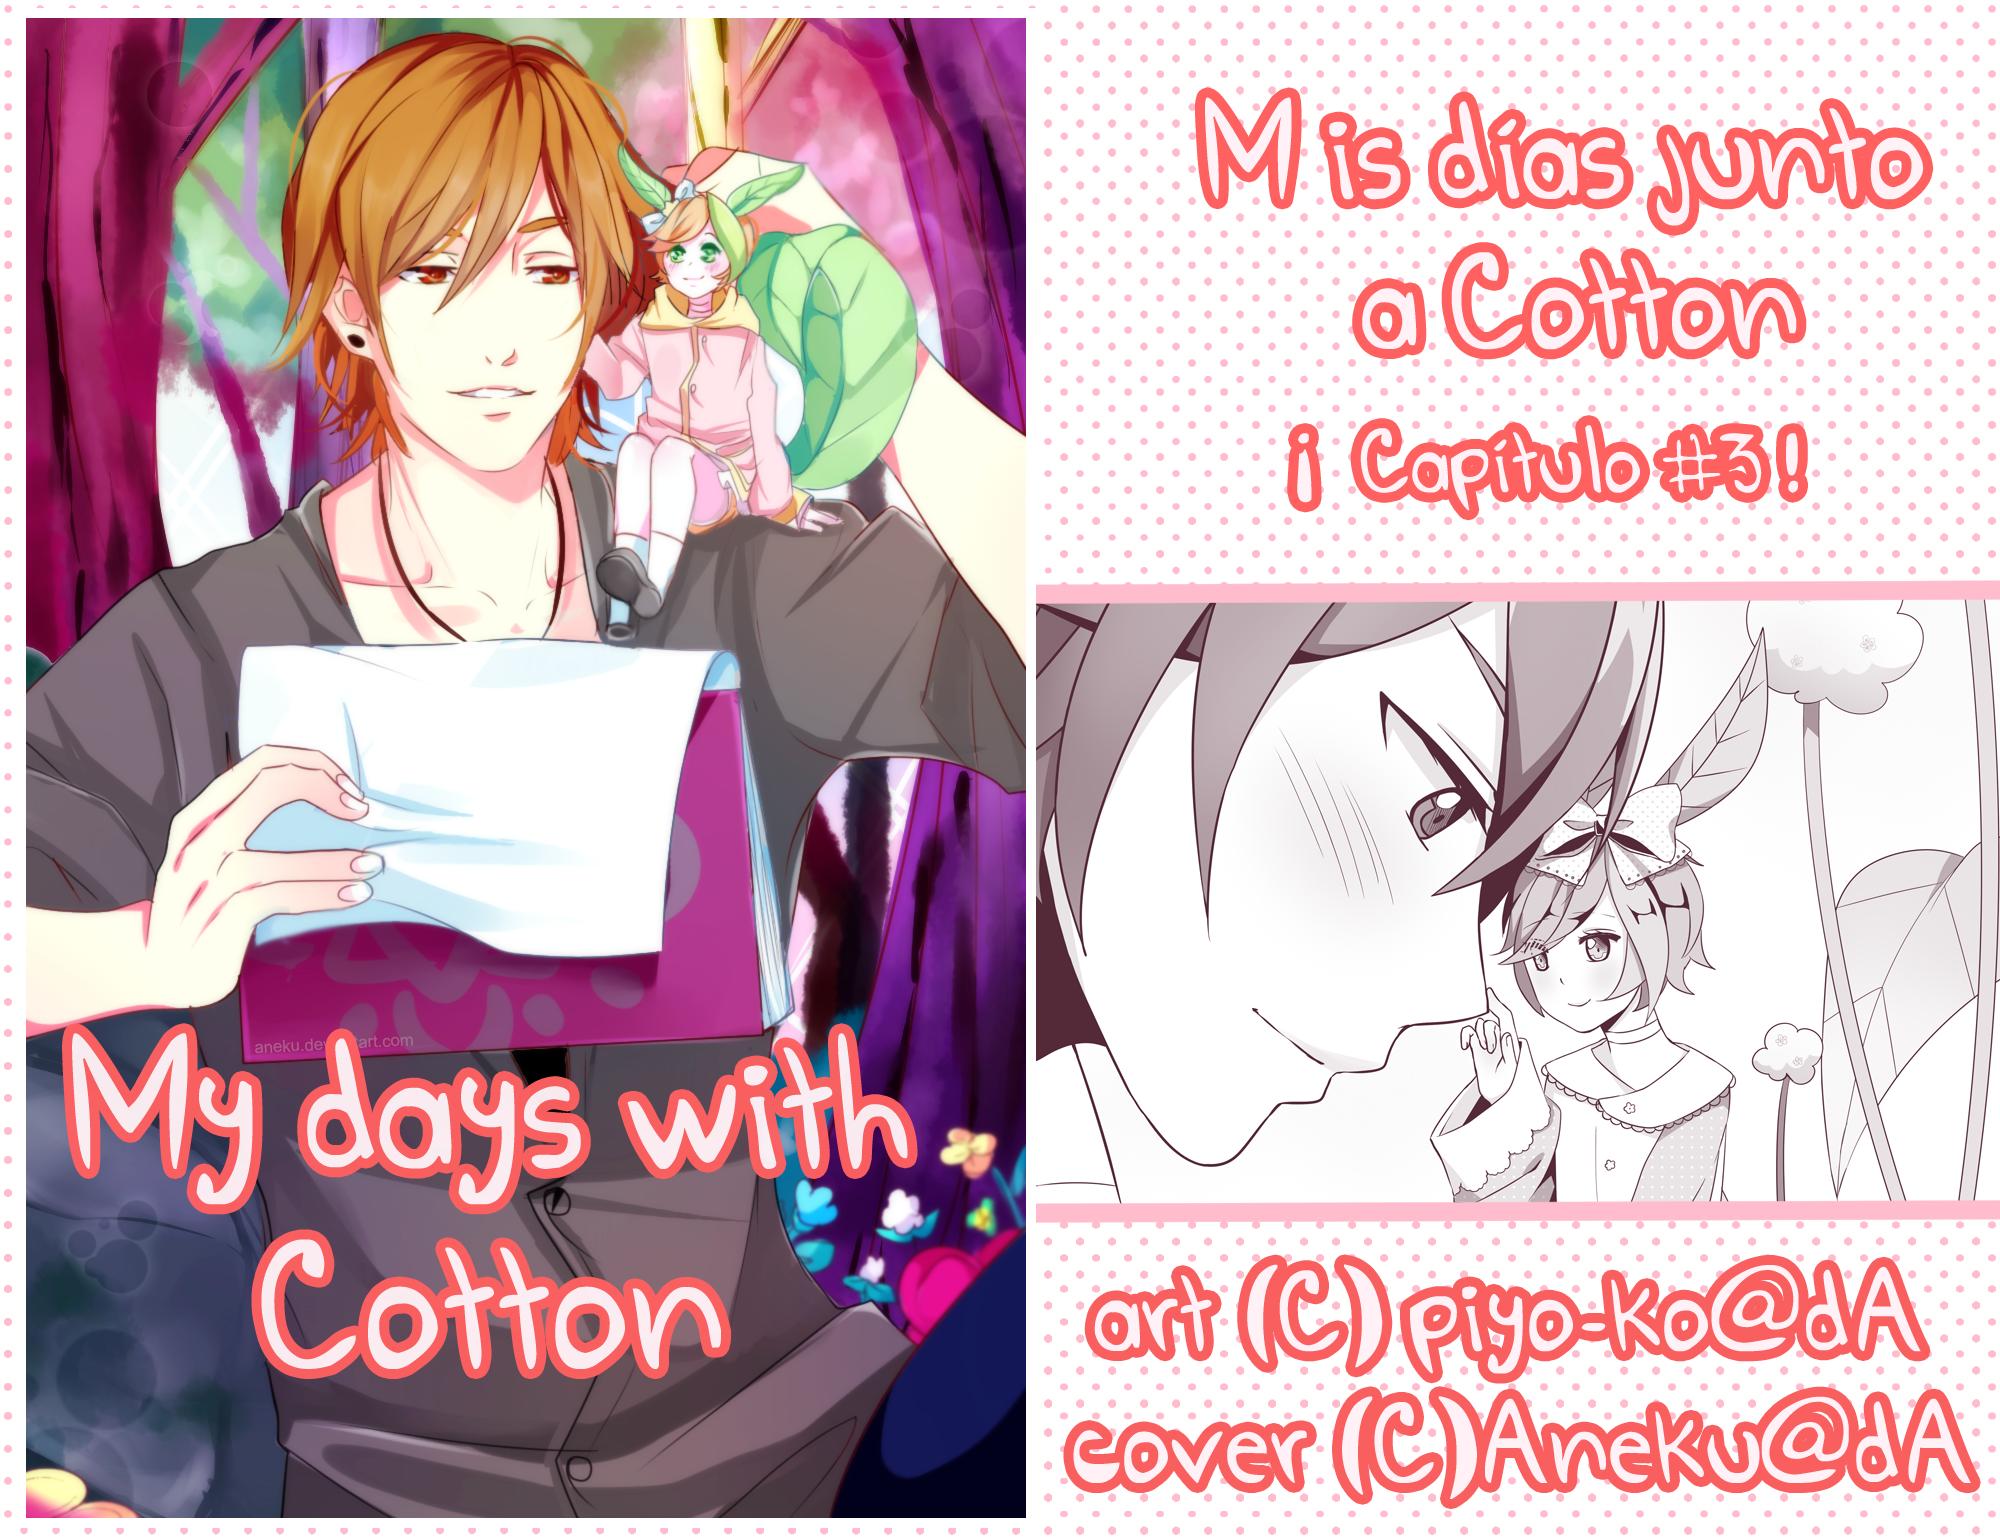 Mis dias junto a Cotton capitulo 03 esp- eng by piyo-ko